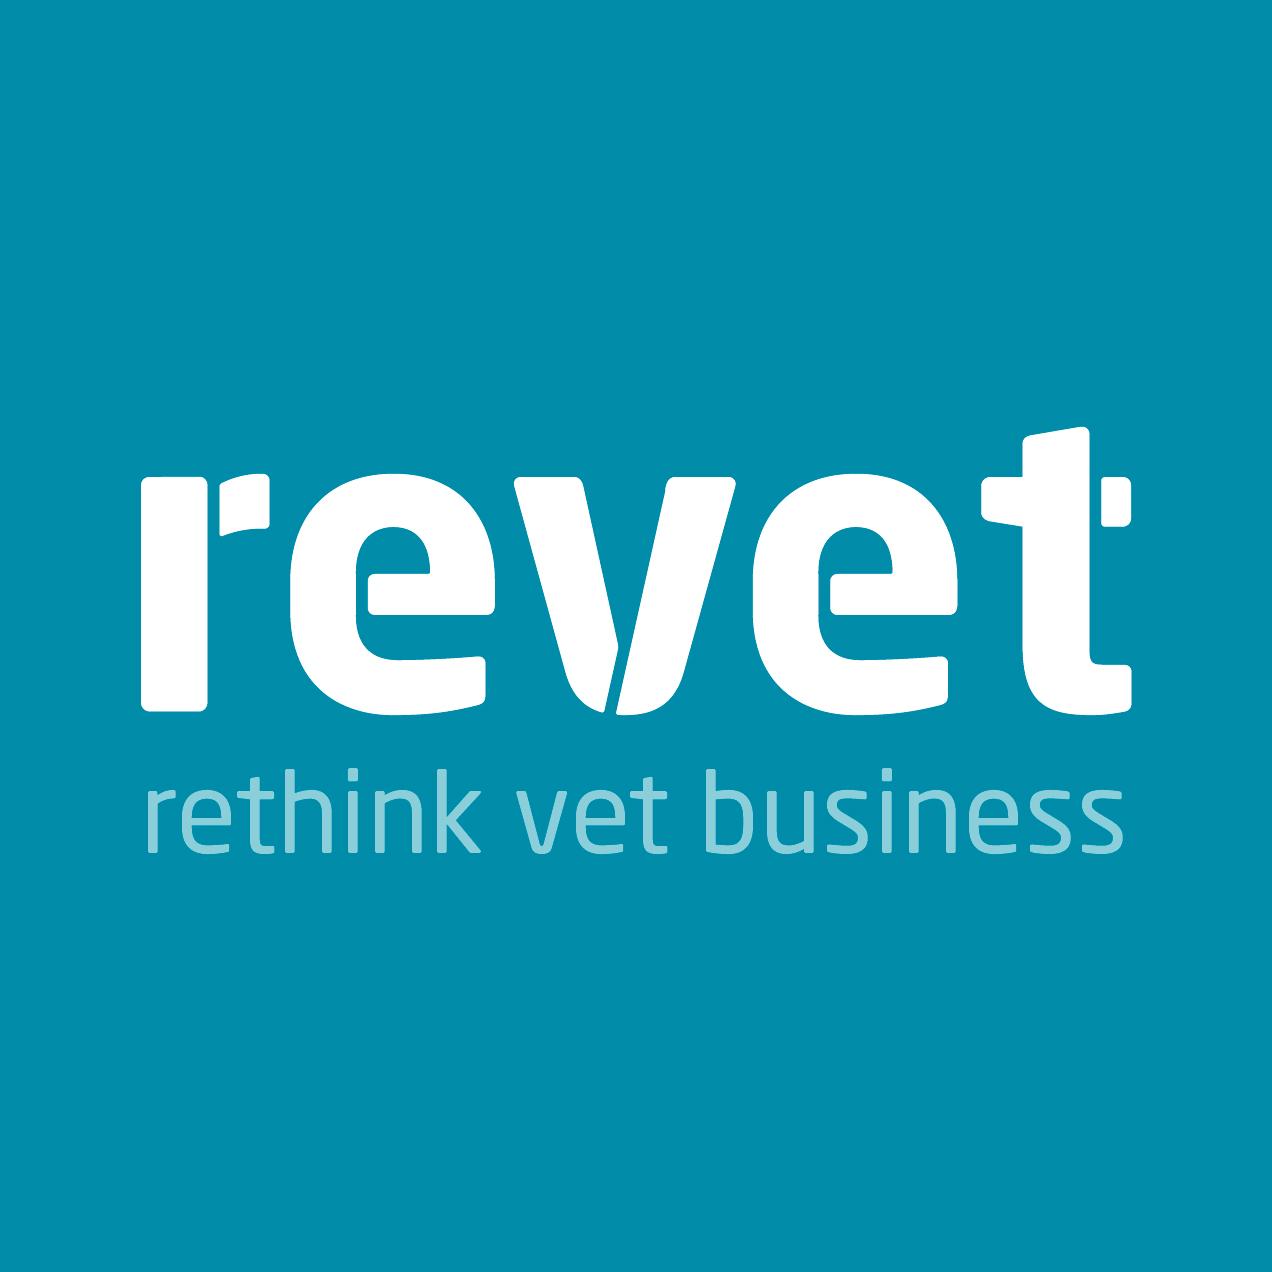 REVET | rethink vet business